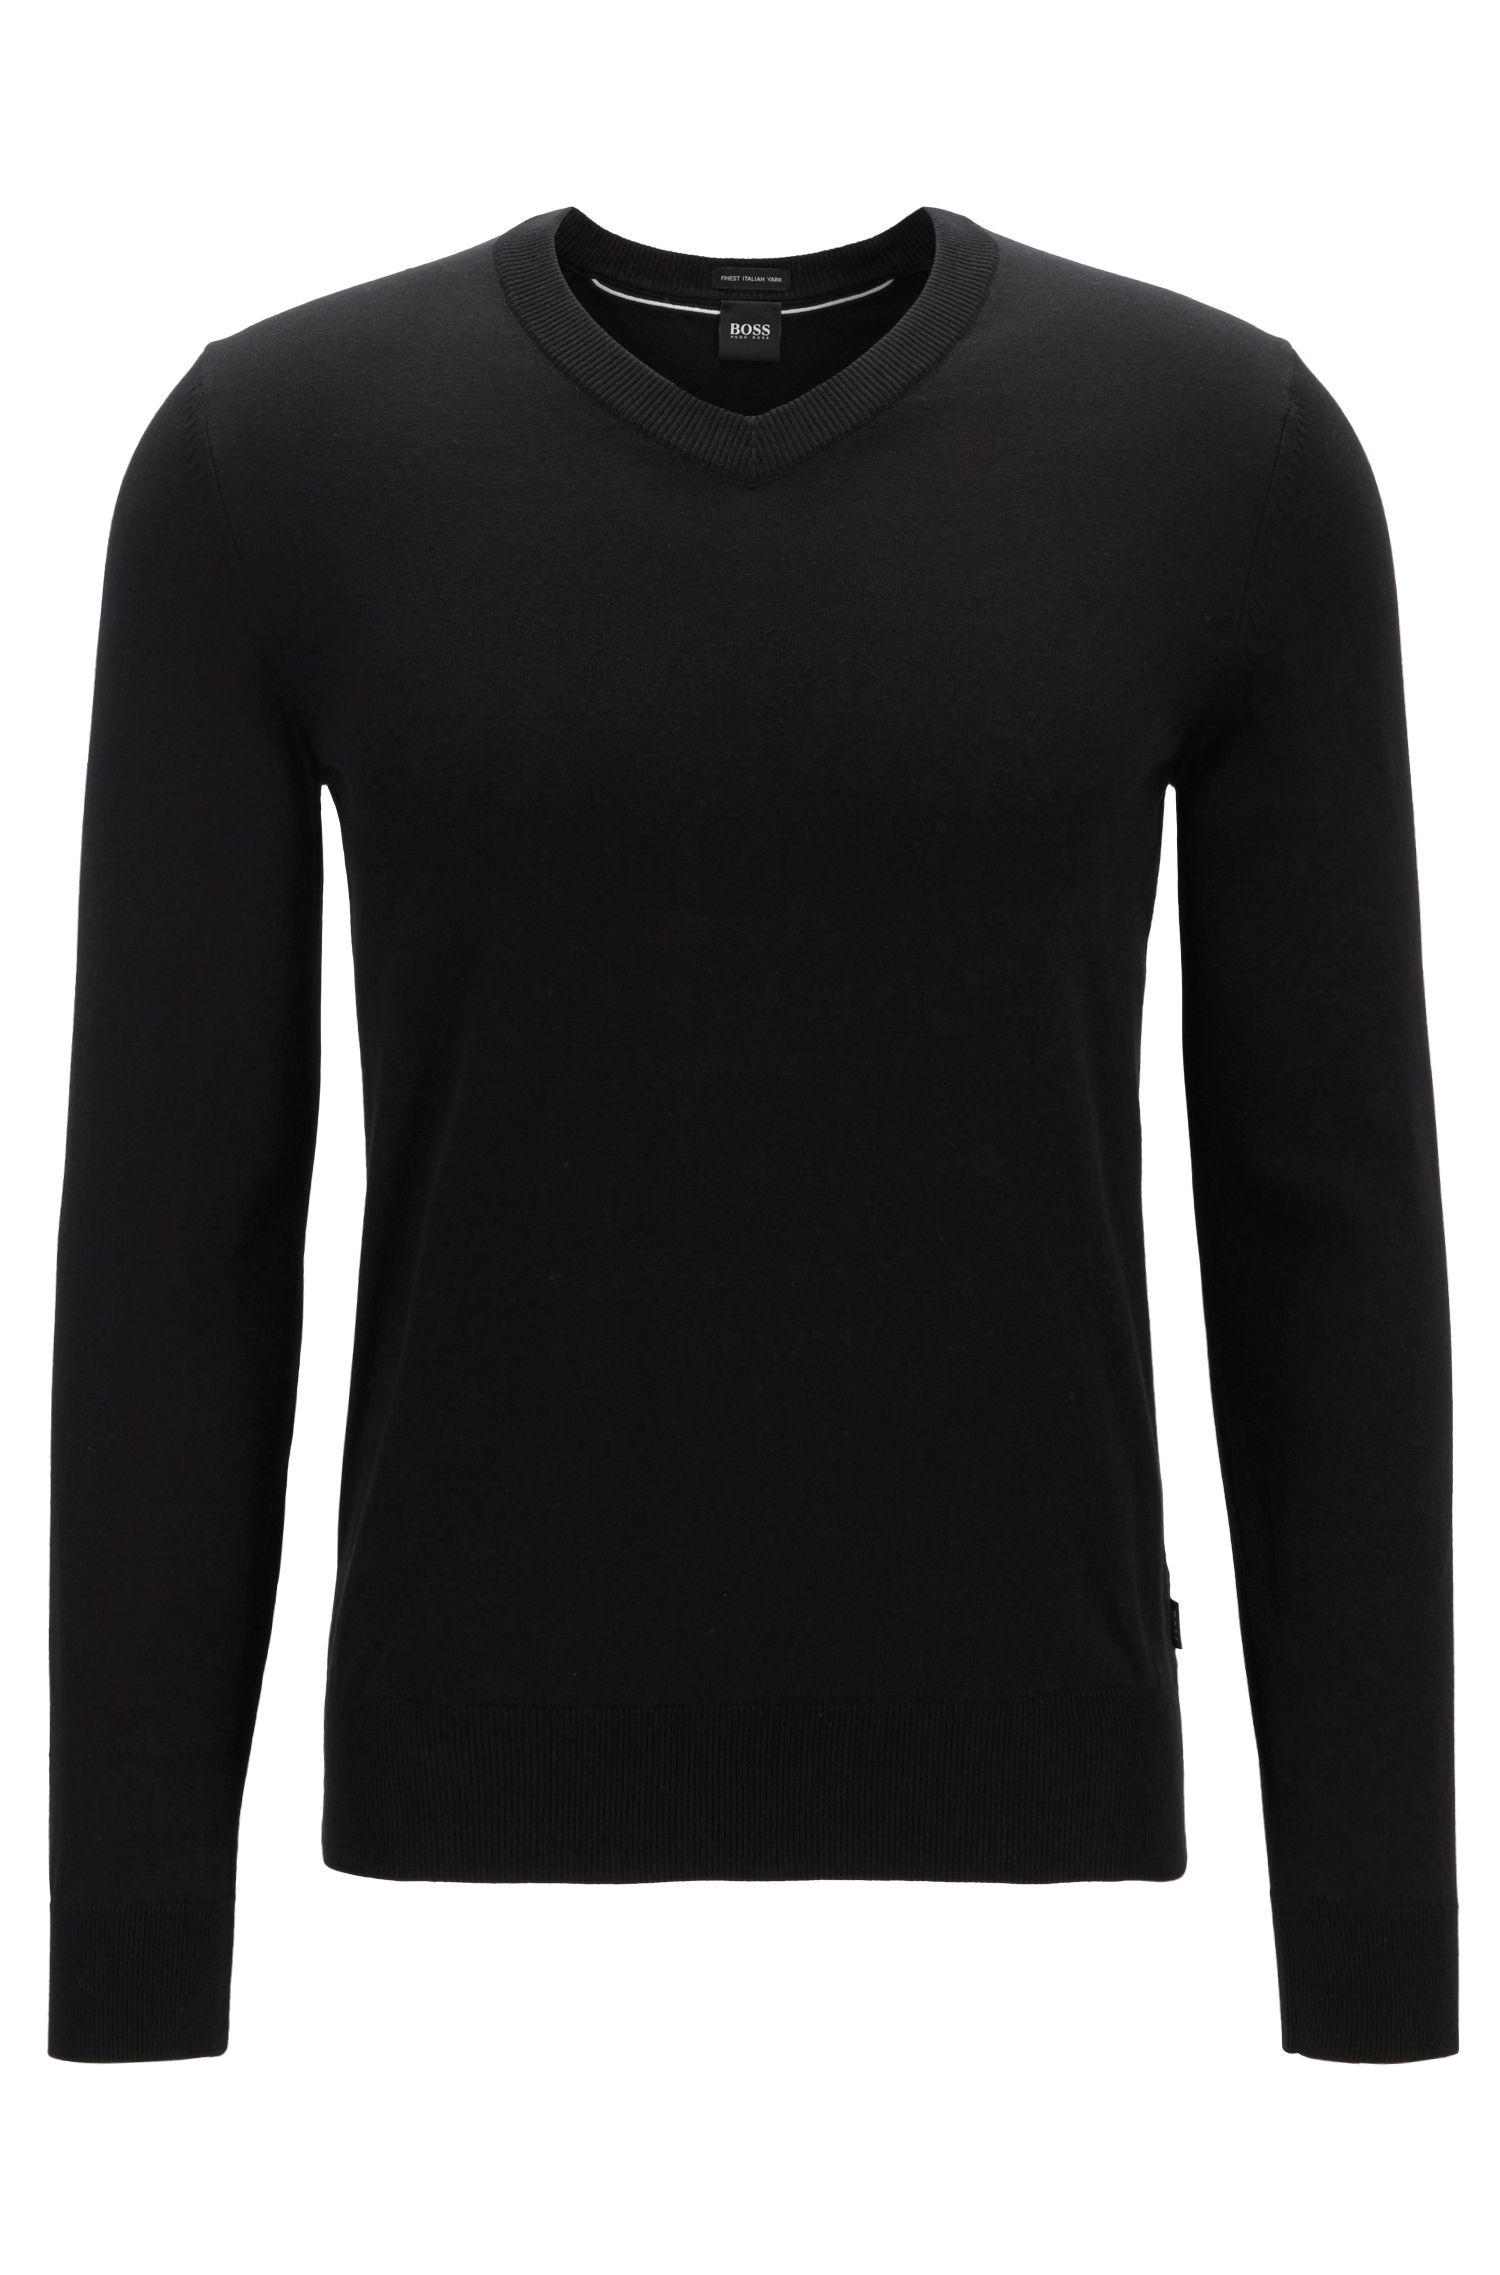 Jersey de algodón de manga larga con cuello en pico, Negro